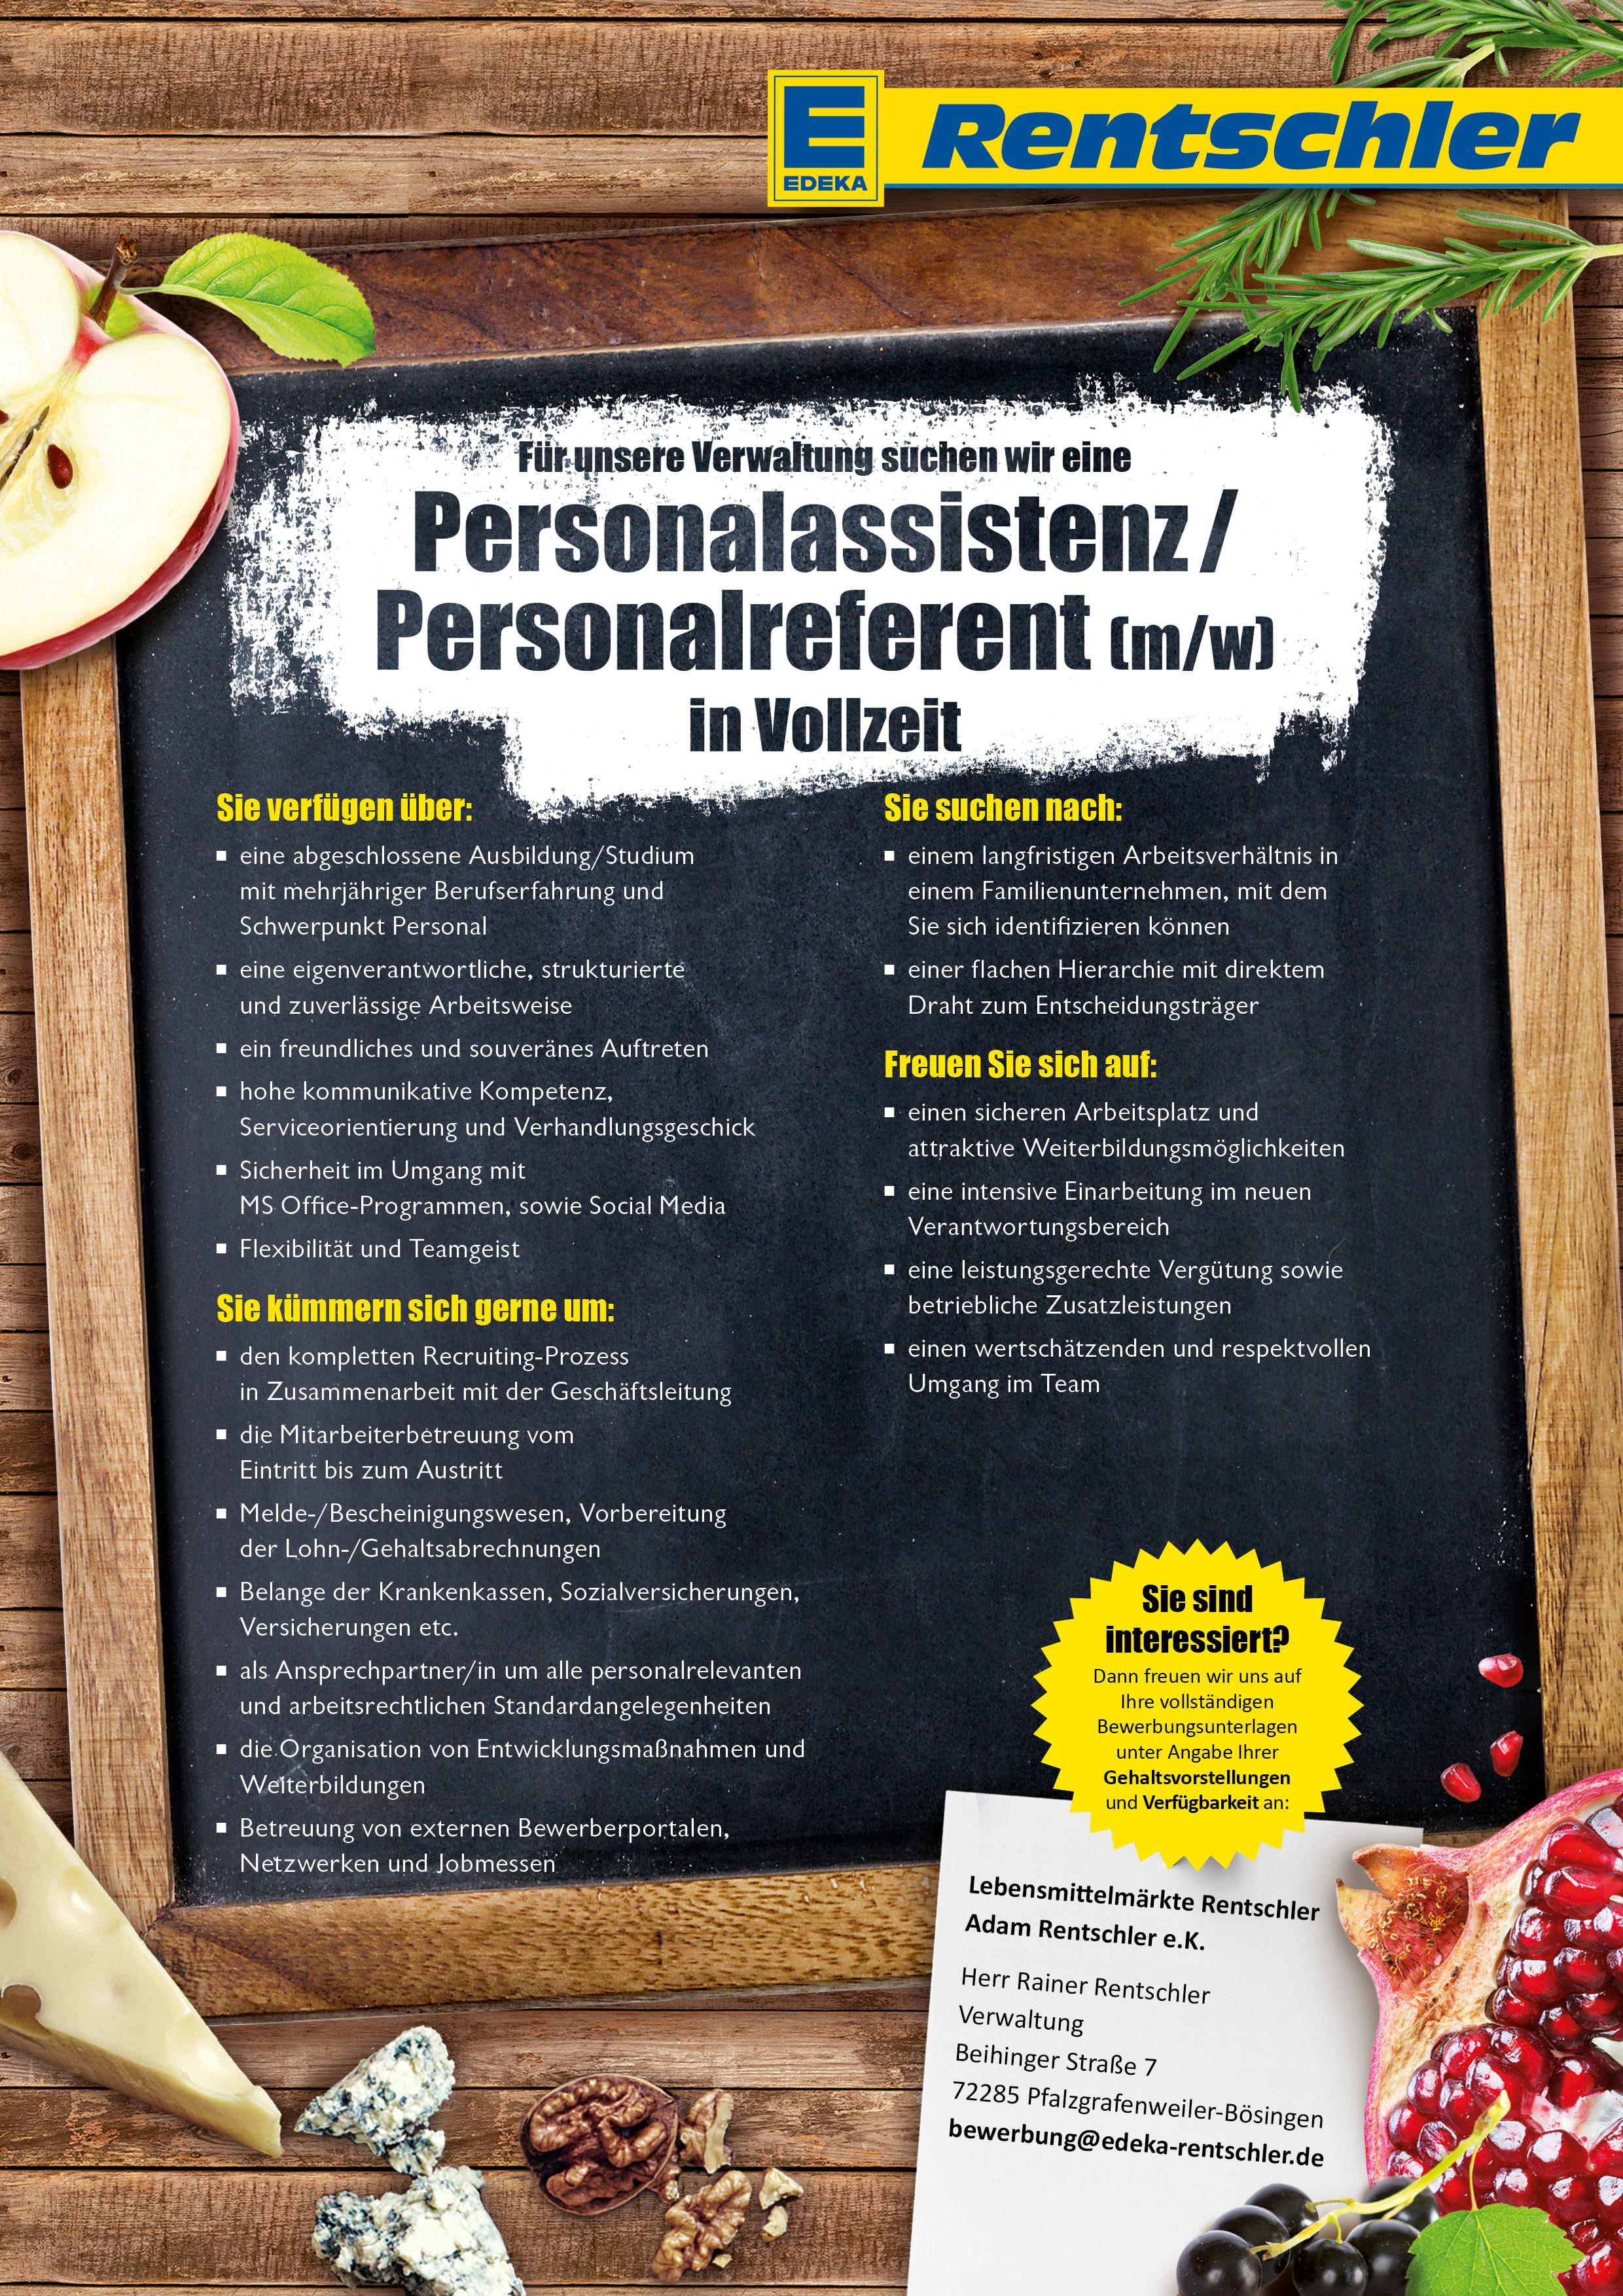 personalassistenz personalreferent mw fr verwaltung in bsingen - Edeka Online Bewerbung